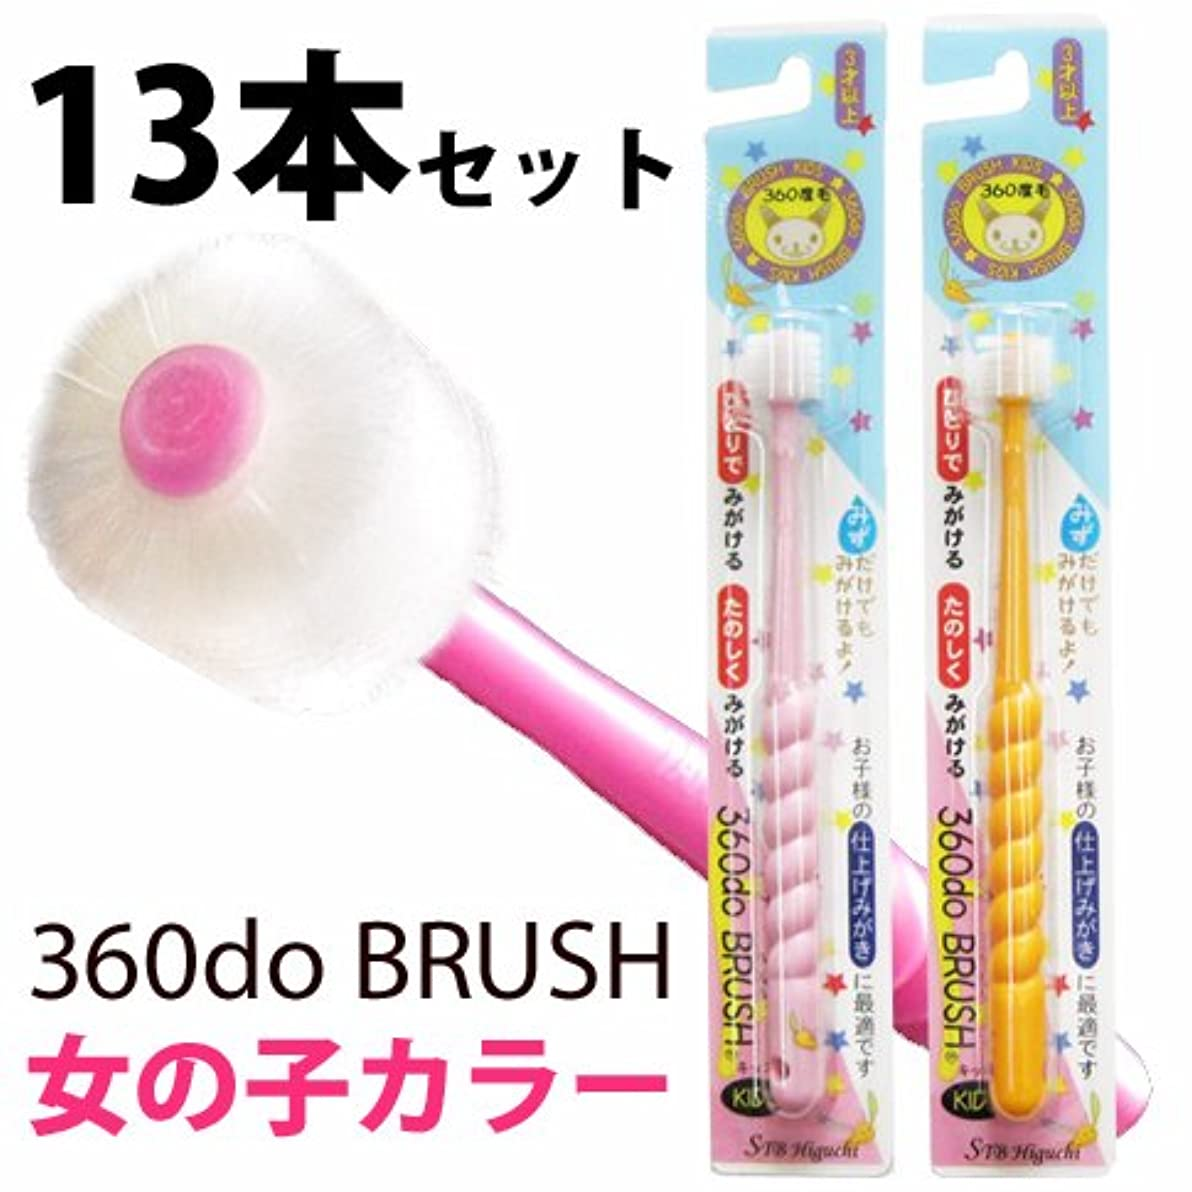 カテゴリー連帯安いです360do BRUSH 360度歯ブラシ キッズ 女の子用 13本セット